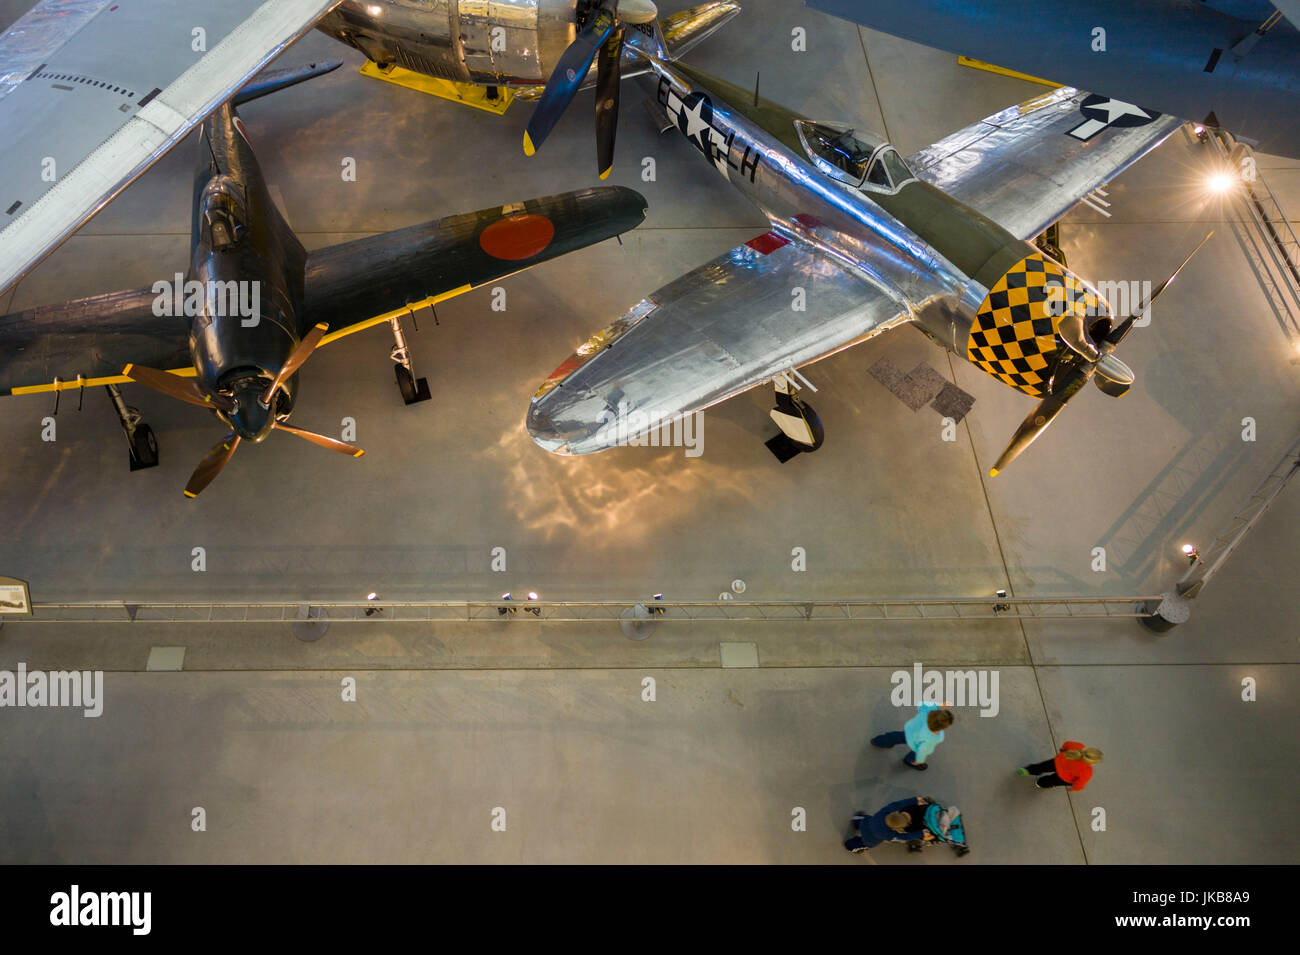 USA, Virginia, Herdon, National Air and Space Museum, Steven F. Udvar-Hazy Center, air museum, WW2-era Japanese - Stock Image